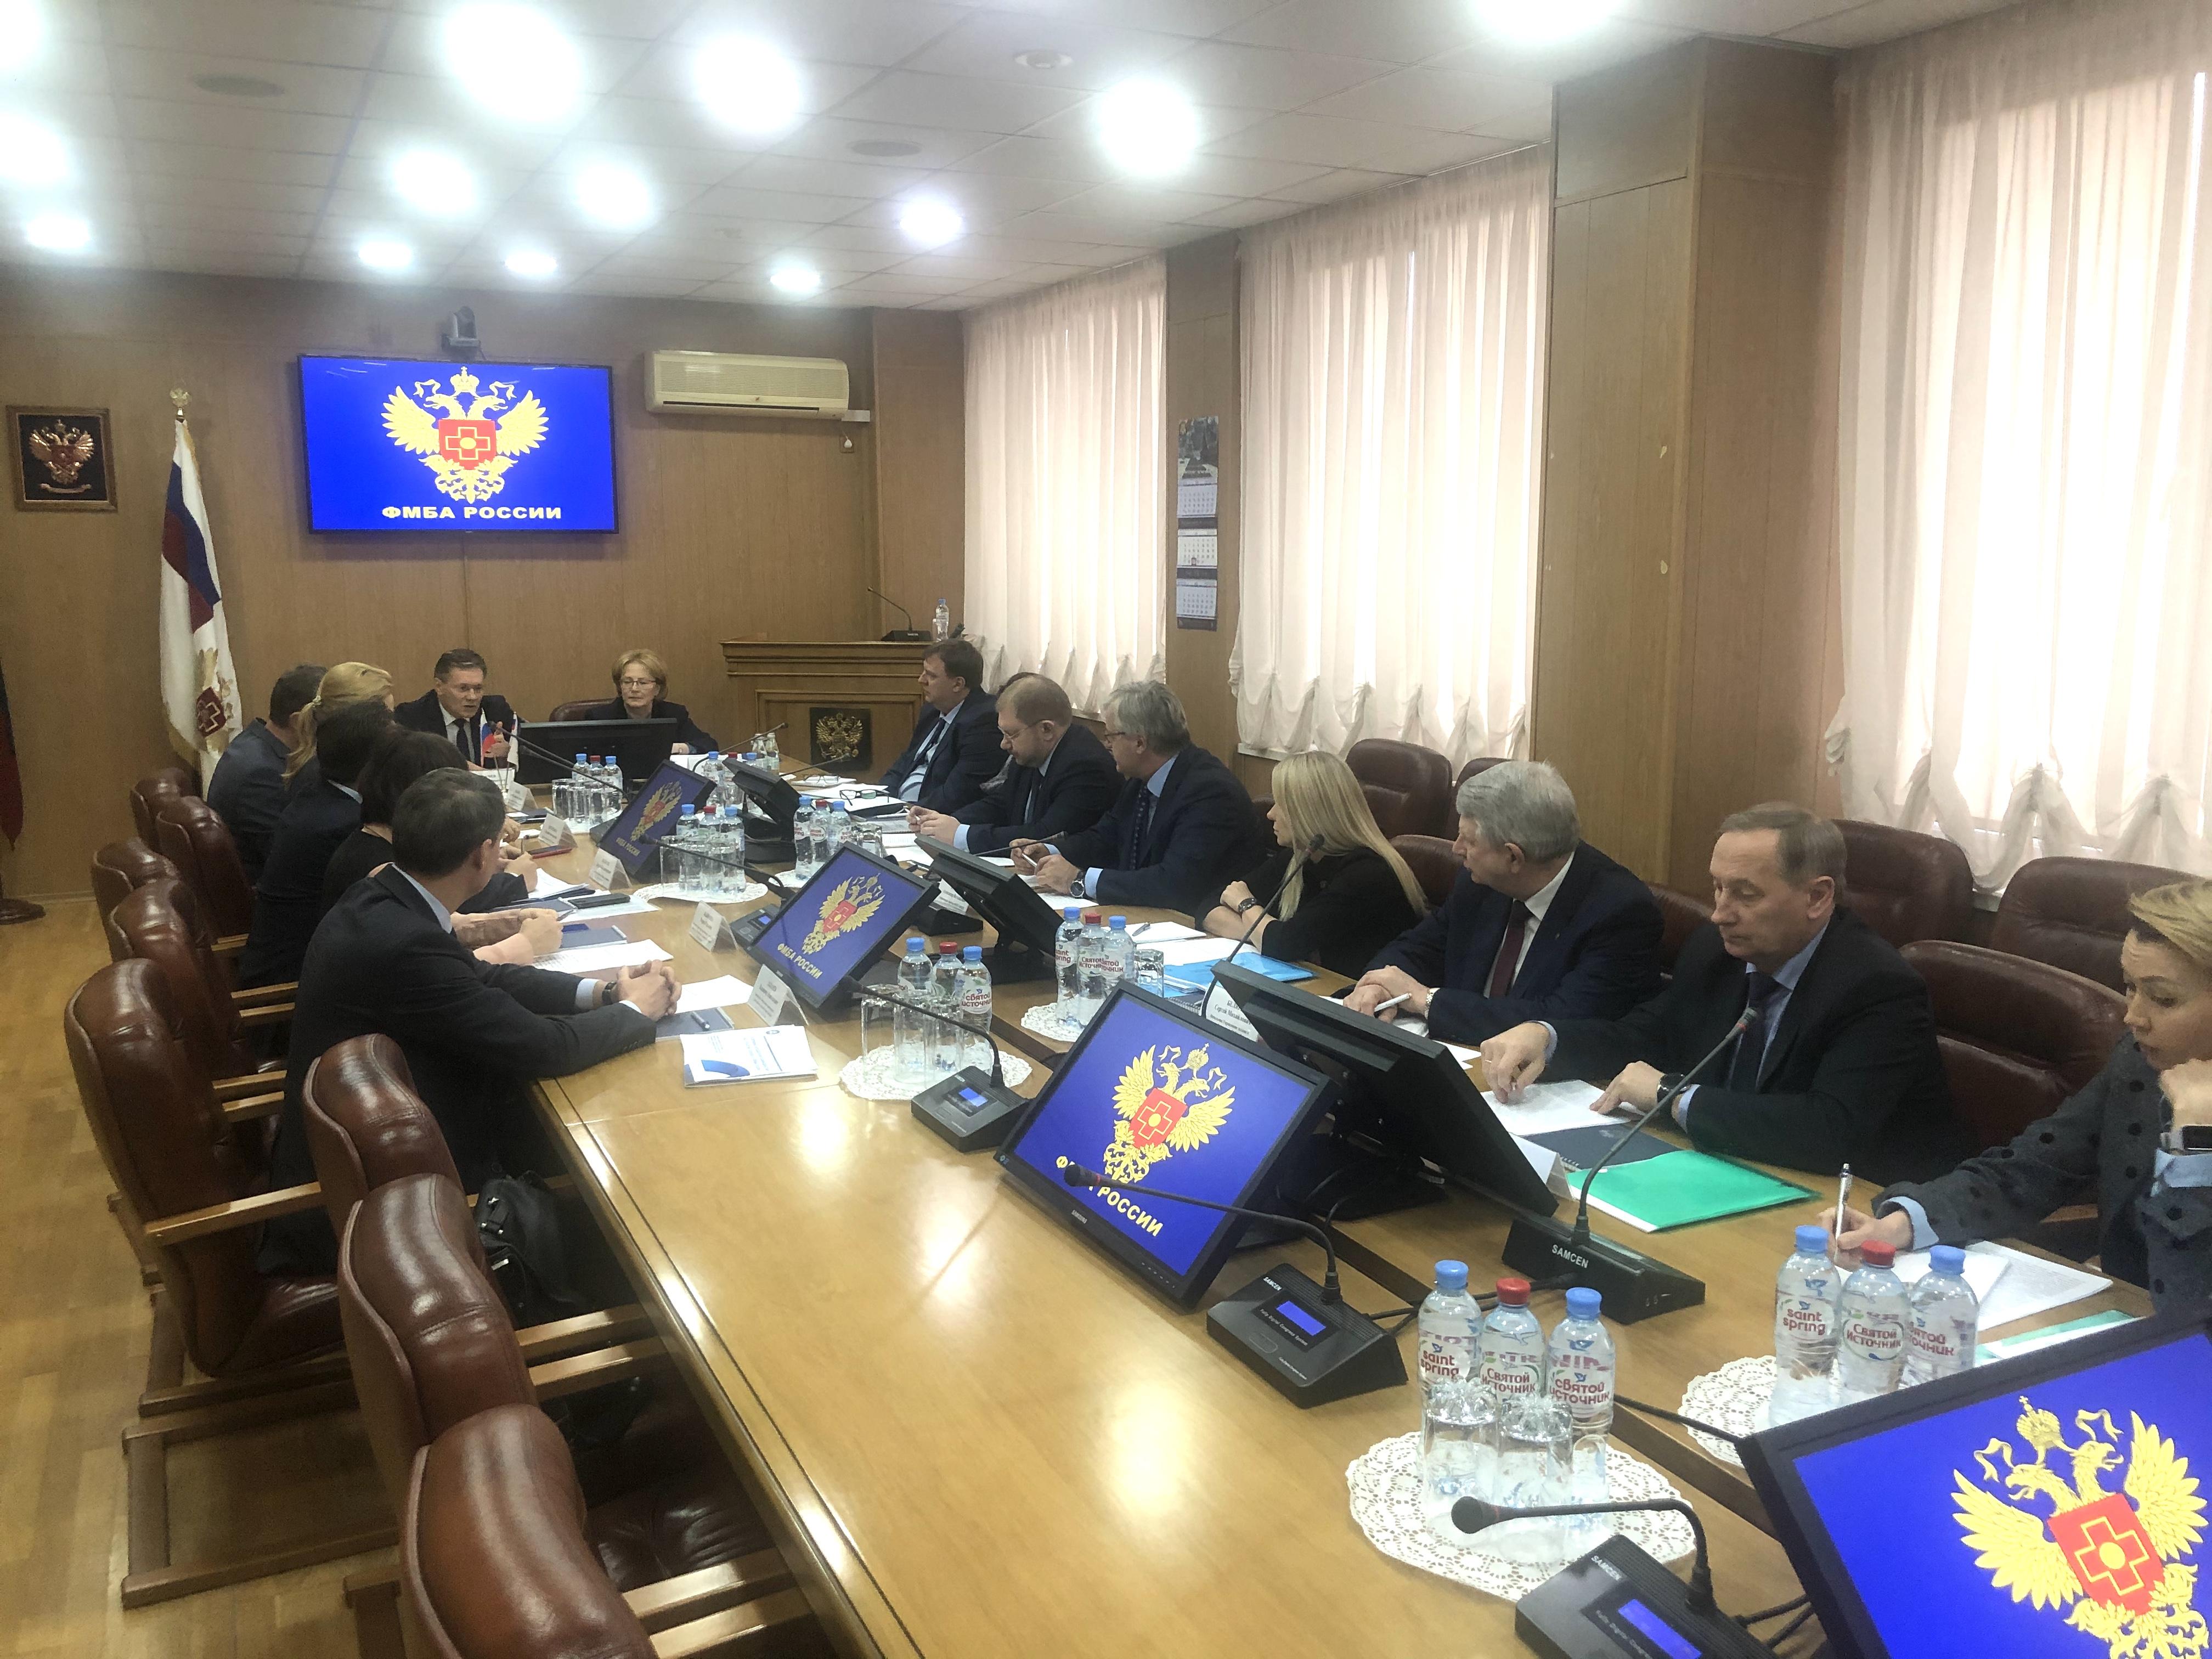 В ФМБА России состоялась двухсторонняя встреча специалистов Федерального медико-биологического агентства и центрального аппарата Госкорпорации «Росатом»